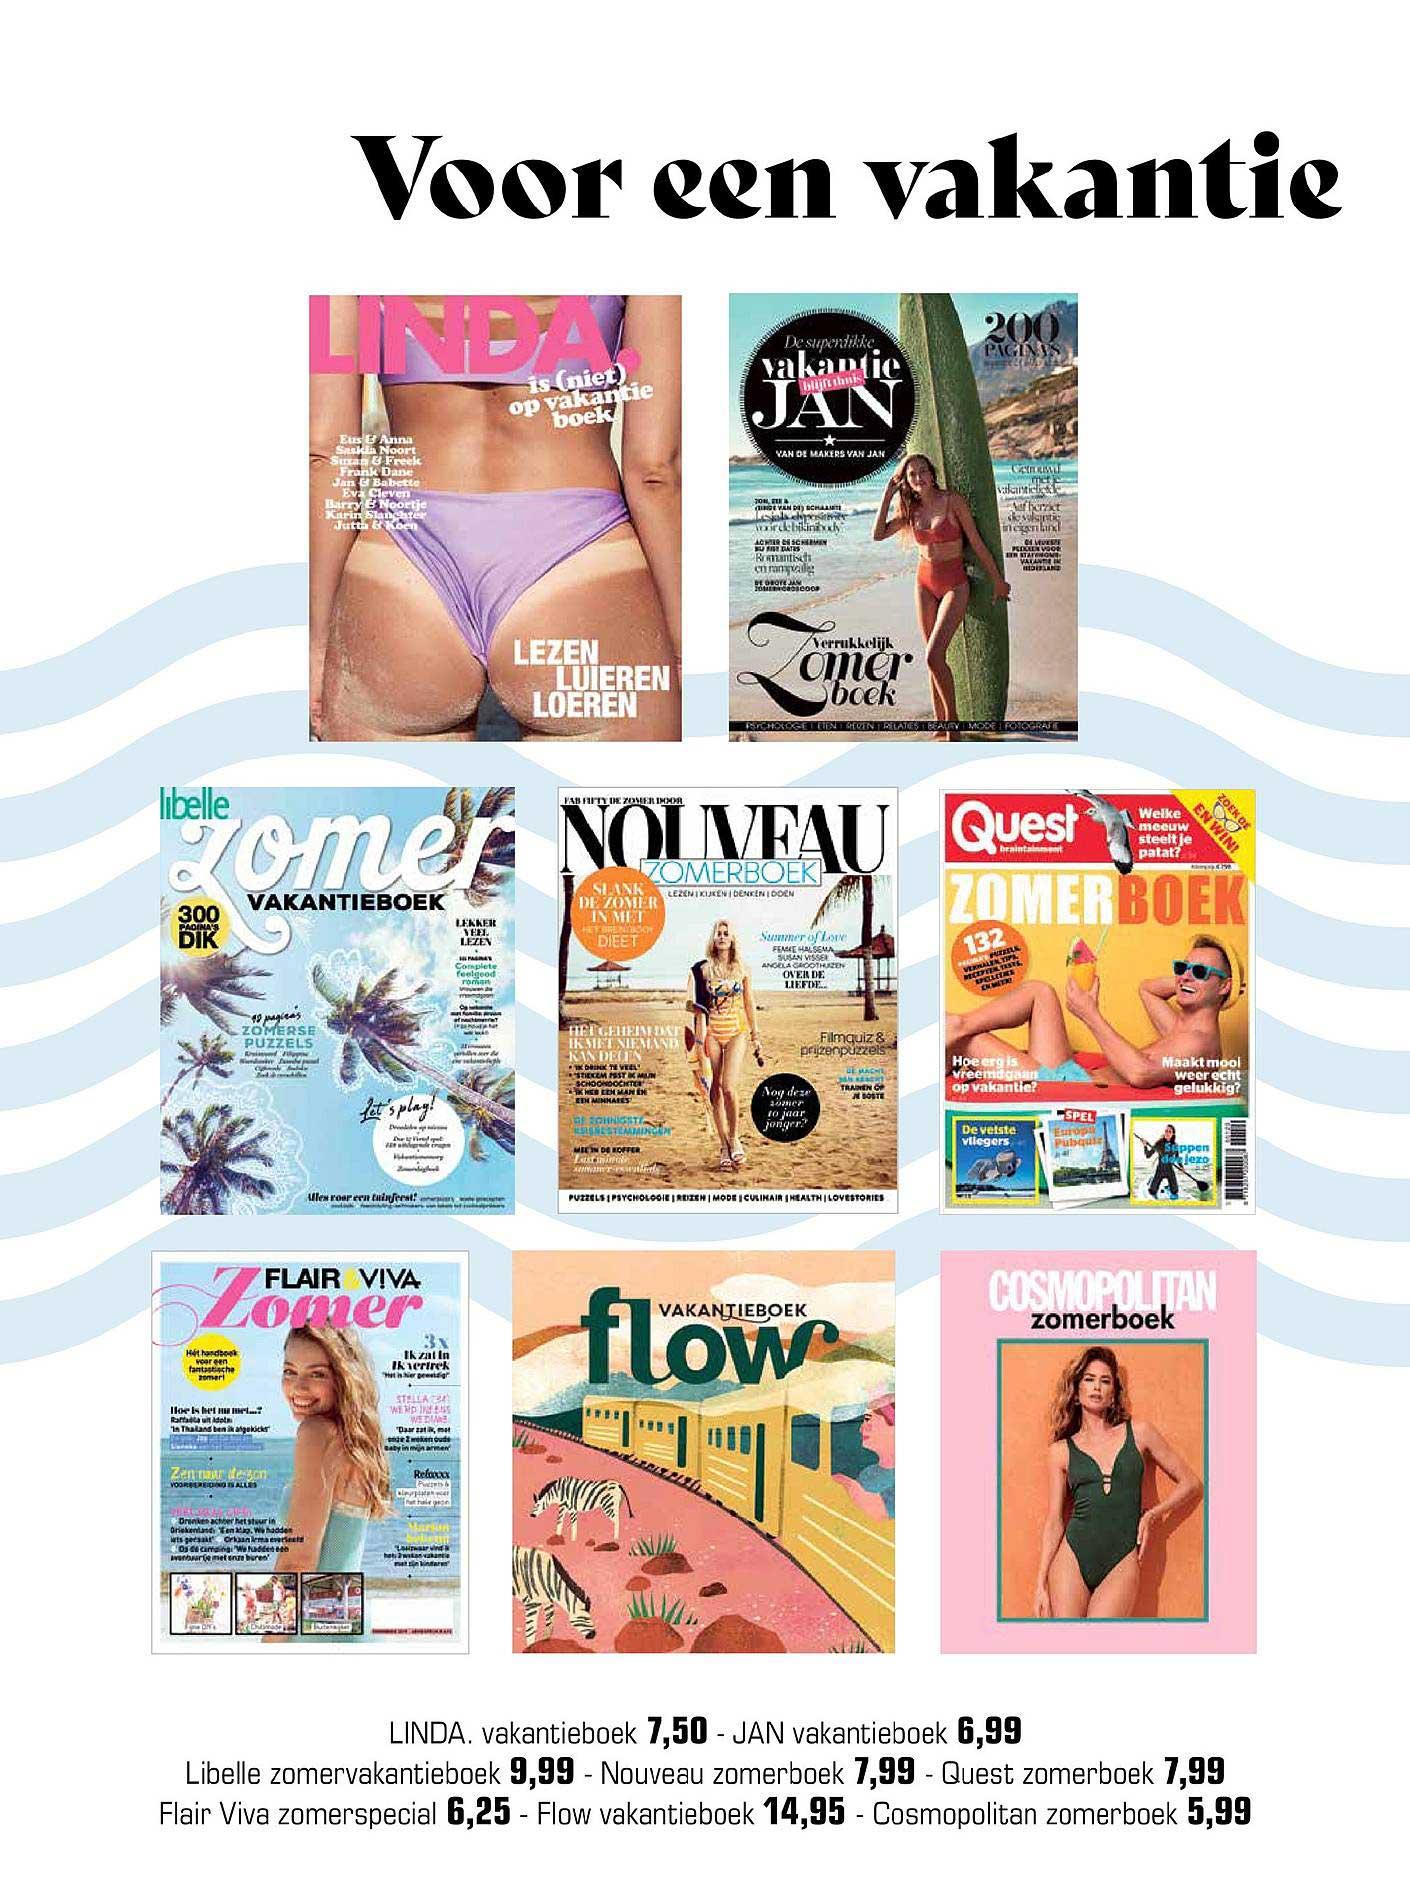 Primera Linda, Jan, Libelle Zomervakantieboek, Nouveau Zomerboek, Quest Zomerboek, Flair Viva Zomerspecial, Flow Vakantieboek Of Cosmopoltan Zomerboek